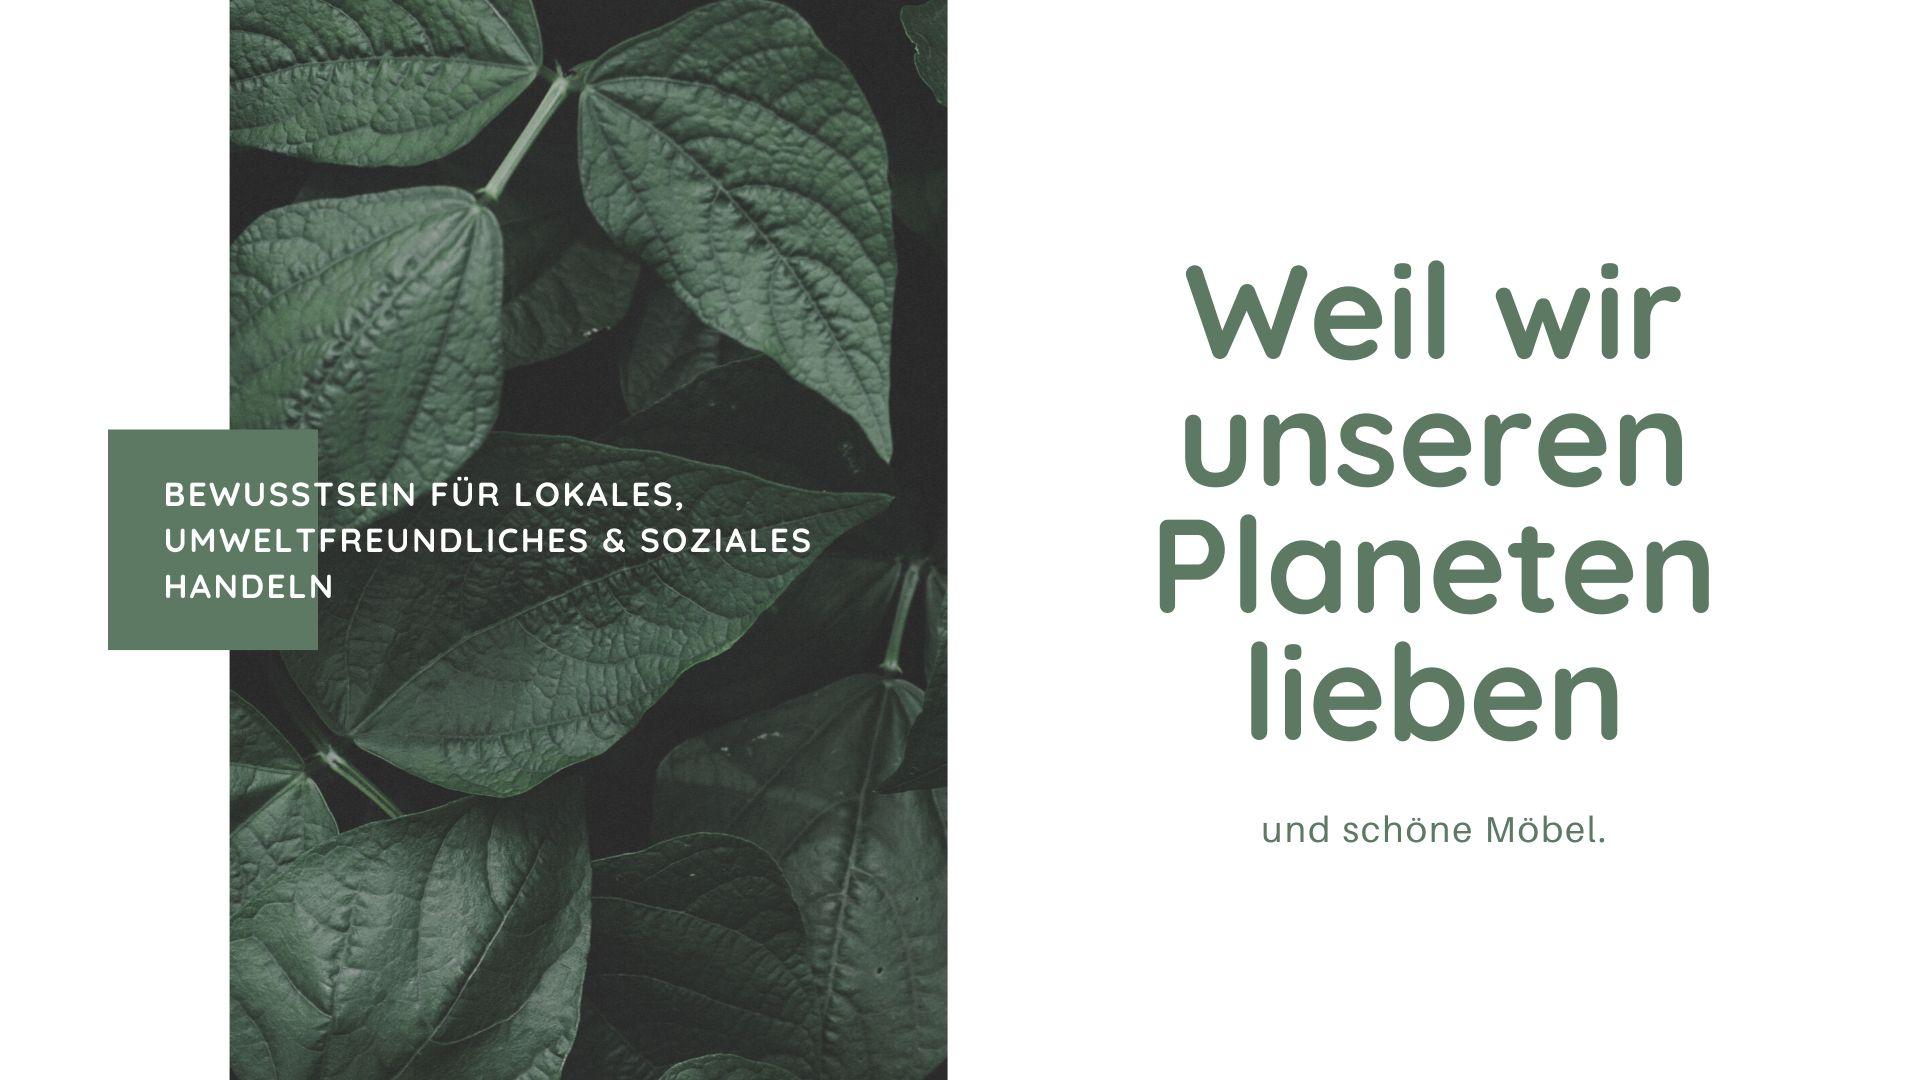 Gruene Pflanzen mit Aufschrift: Weil wir unseren Planteten lieben